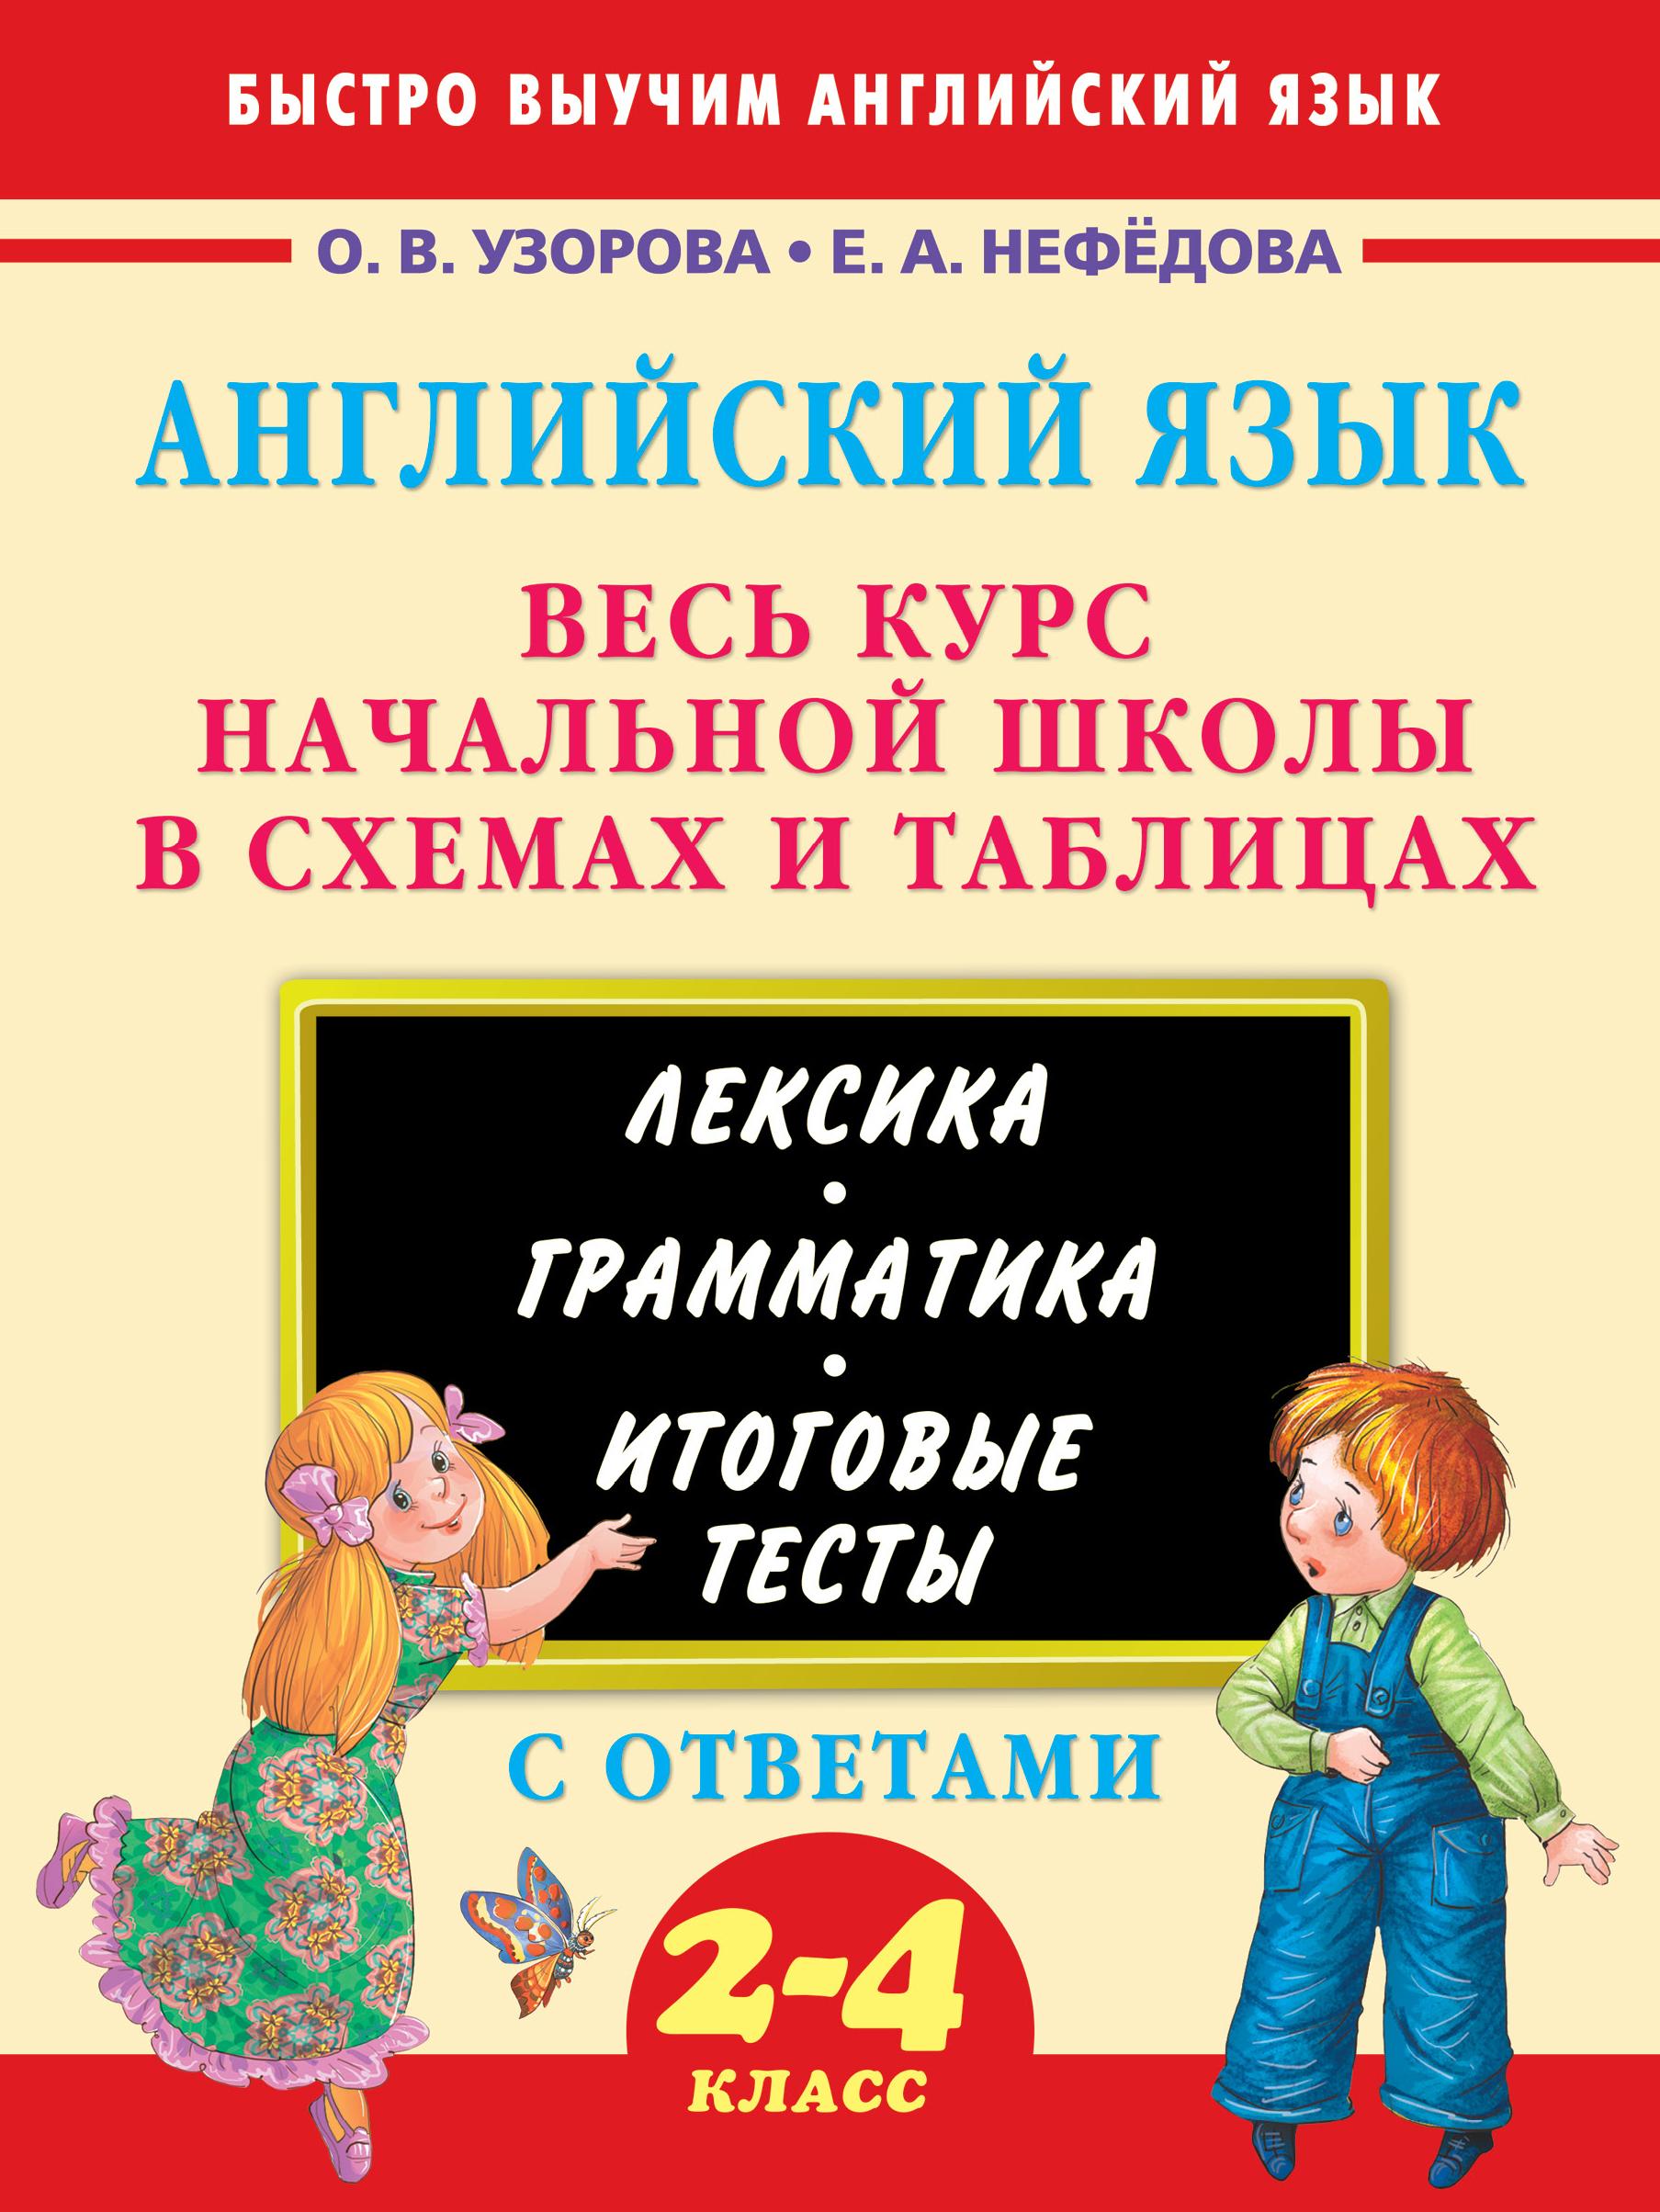 Английский язык. Весь курс начальной школы в схемах и таблицах ( Узорова О.В.  )